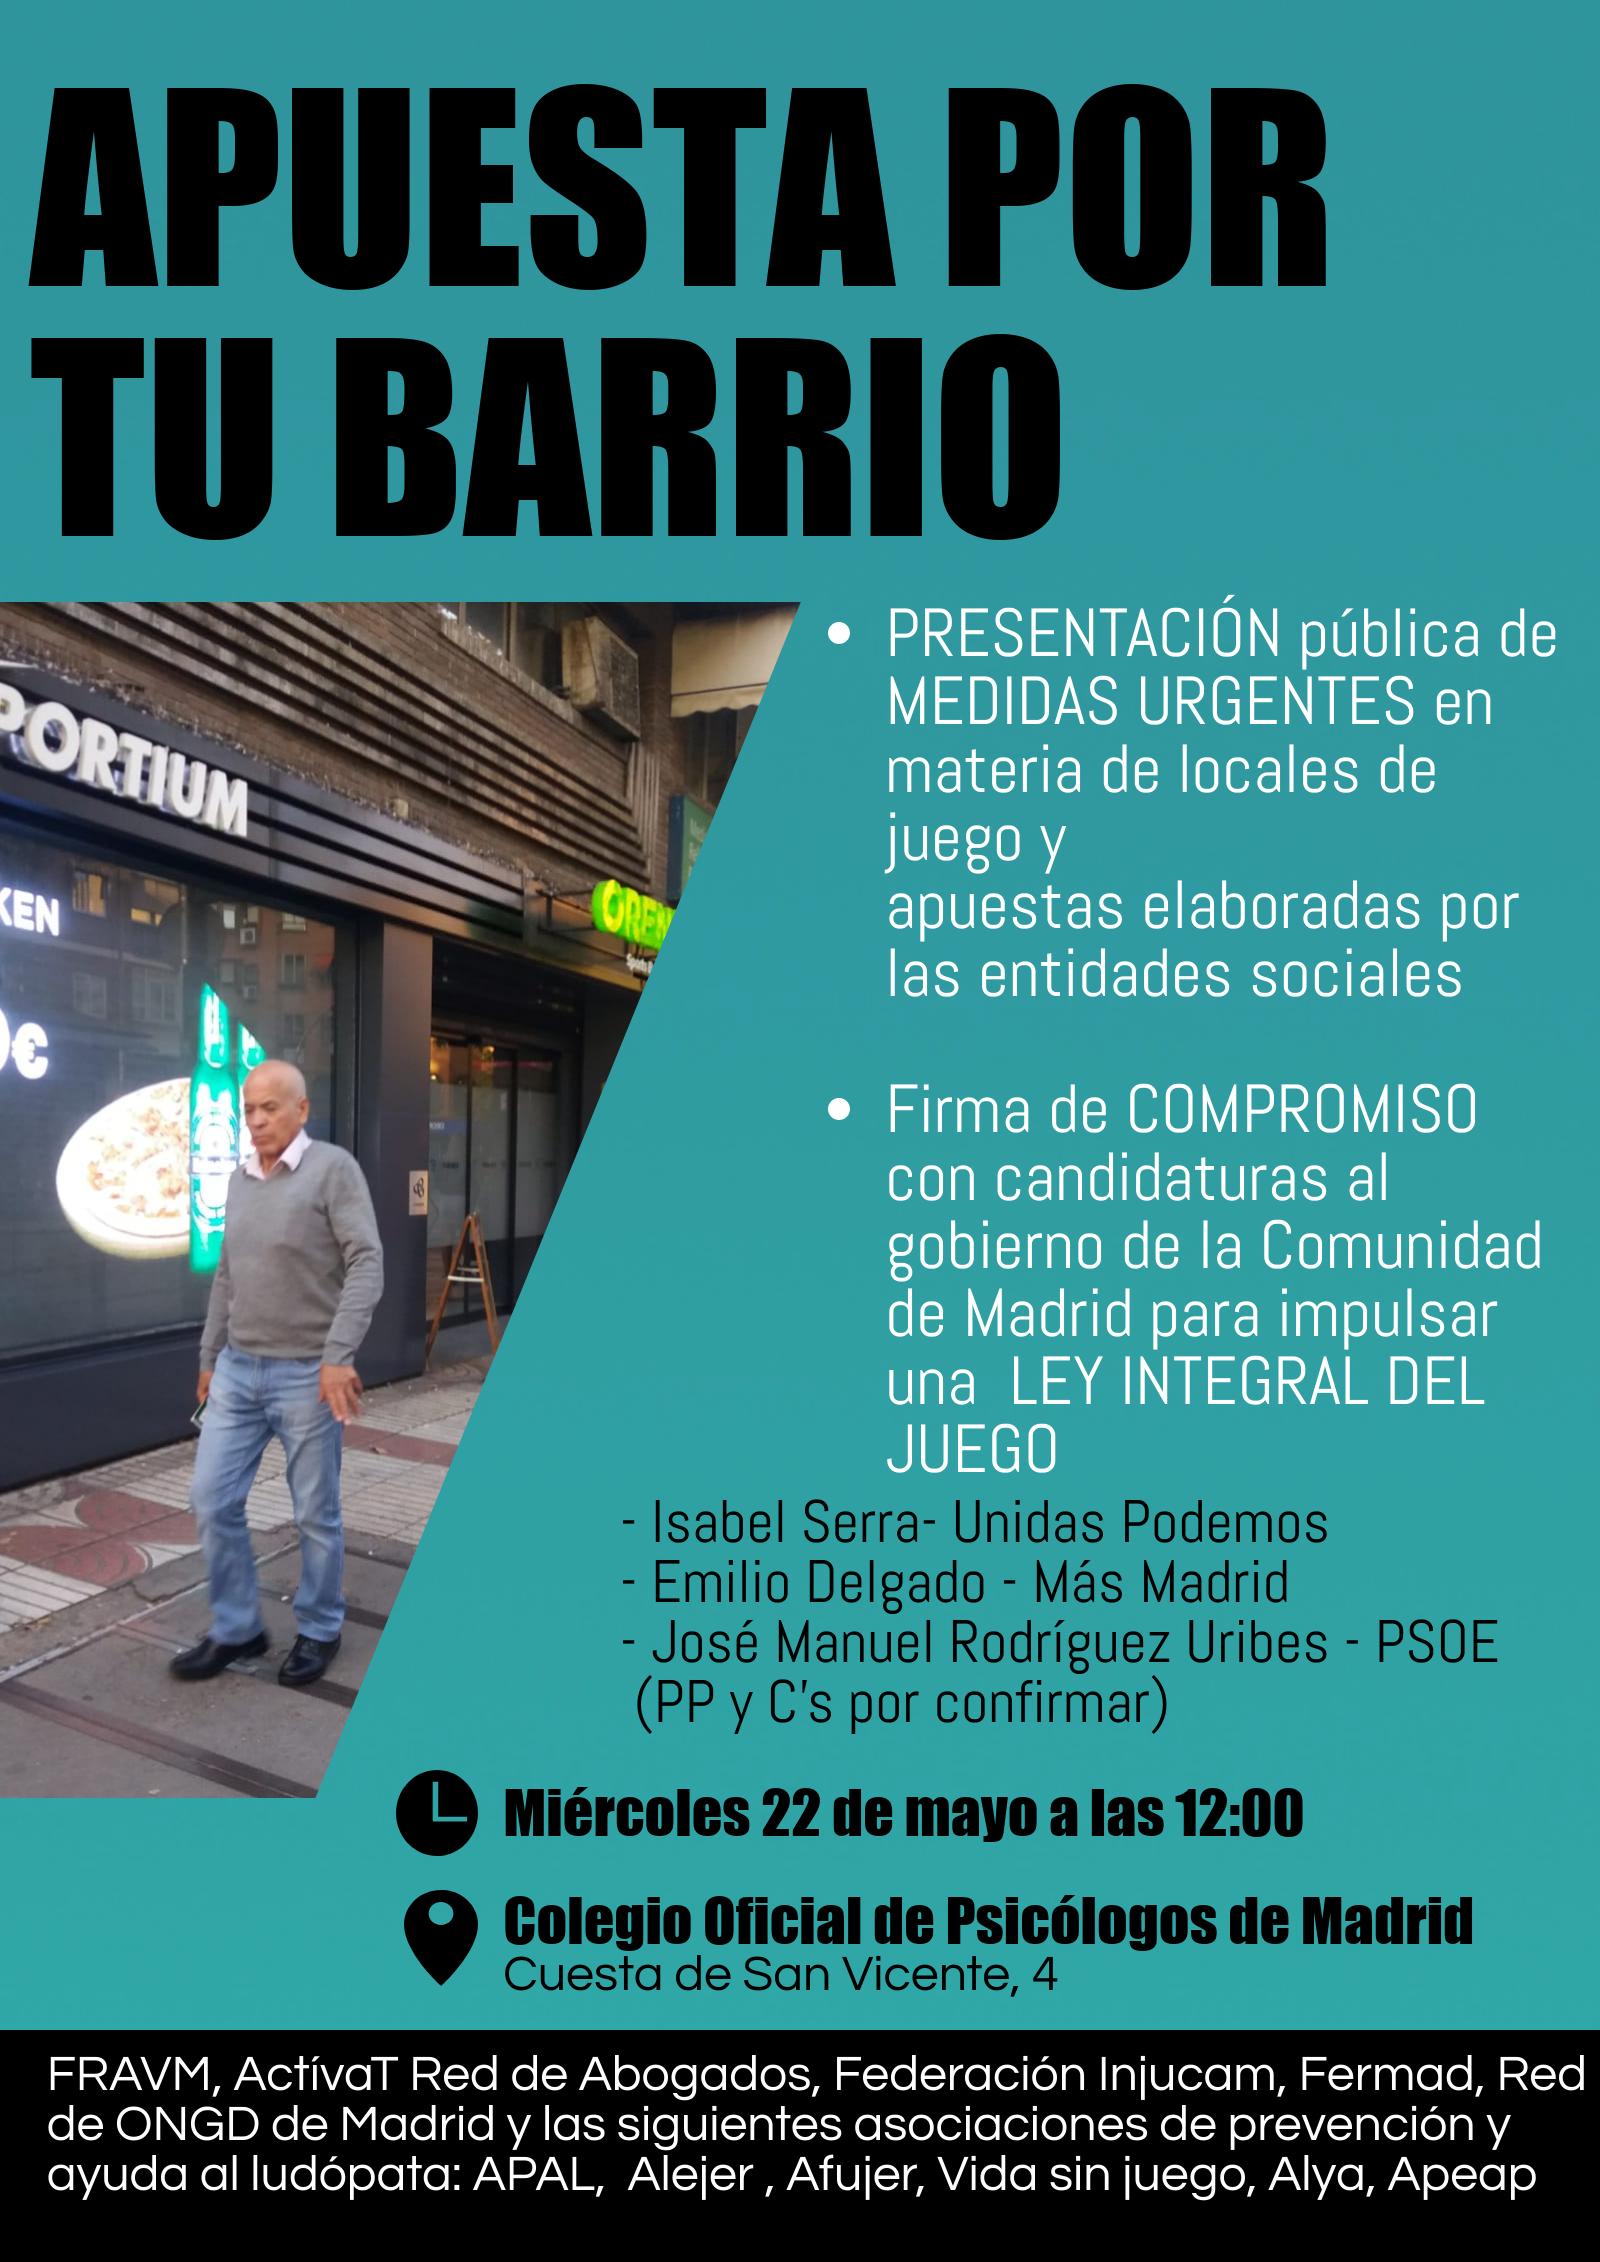 Necesitamos el compromiso de los partidos para aprobar una Ley Integral del Juego en la Comunidad de Madrid